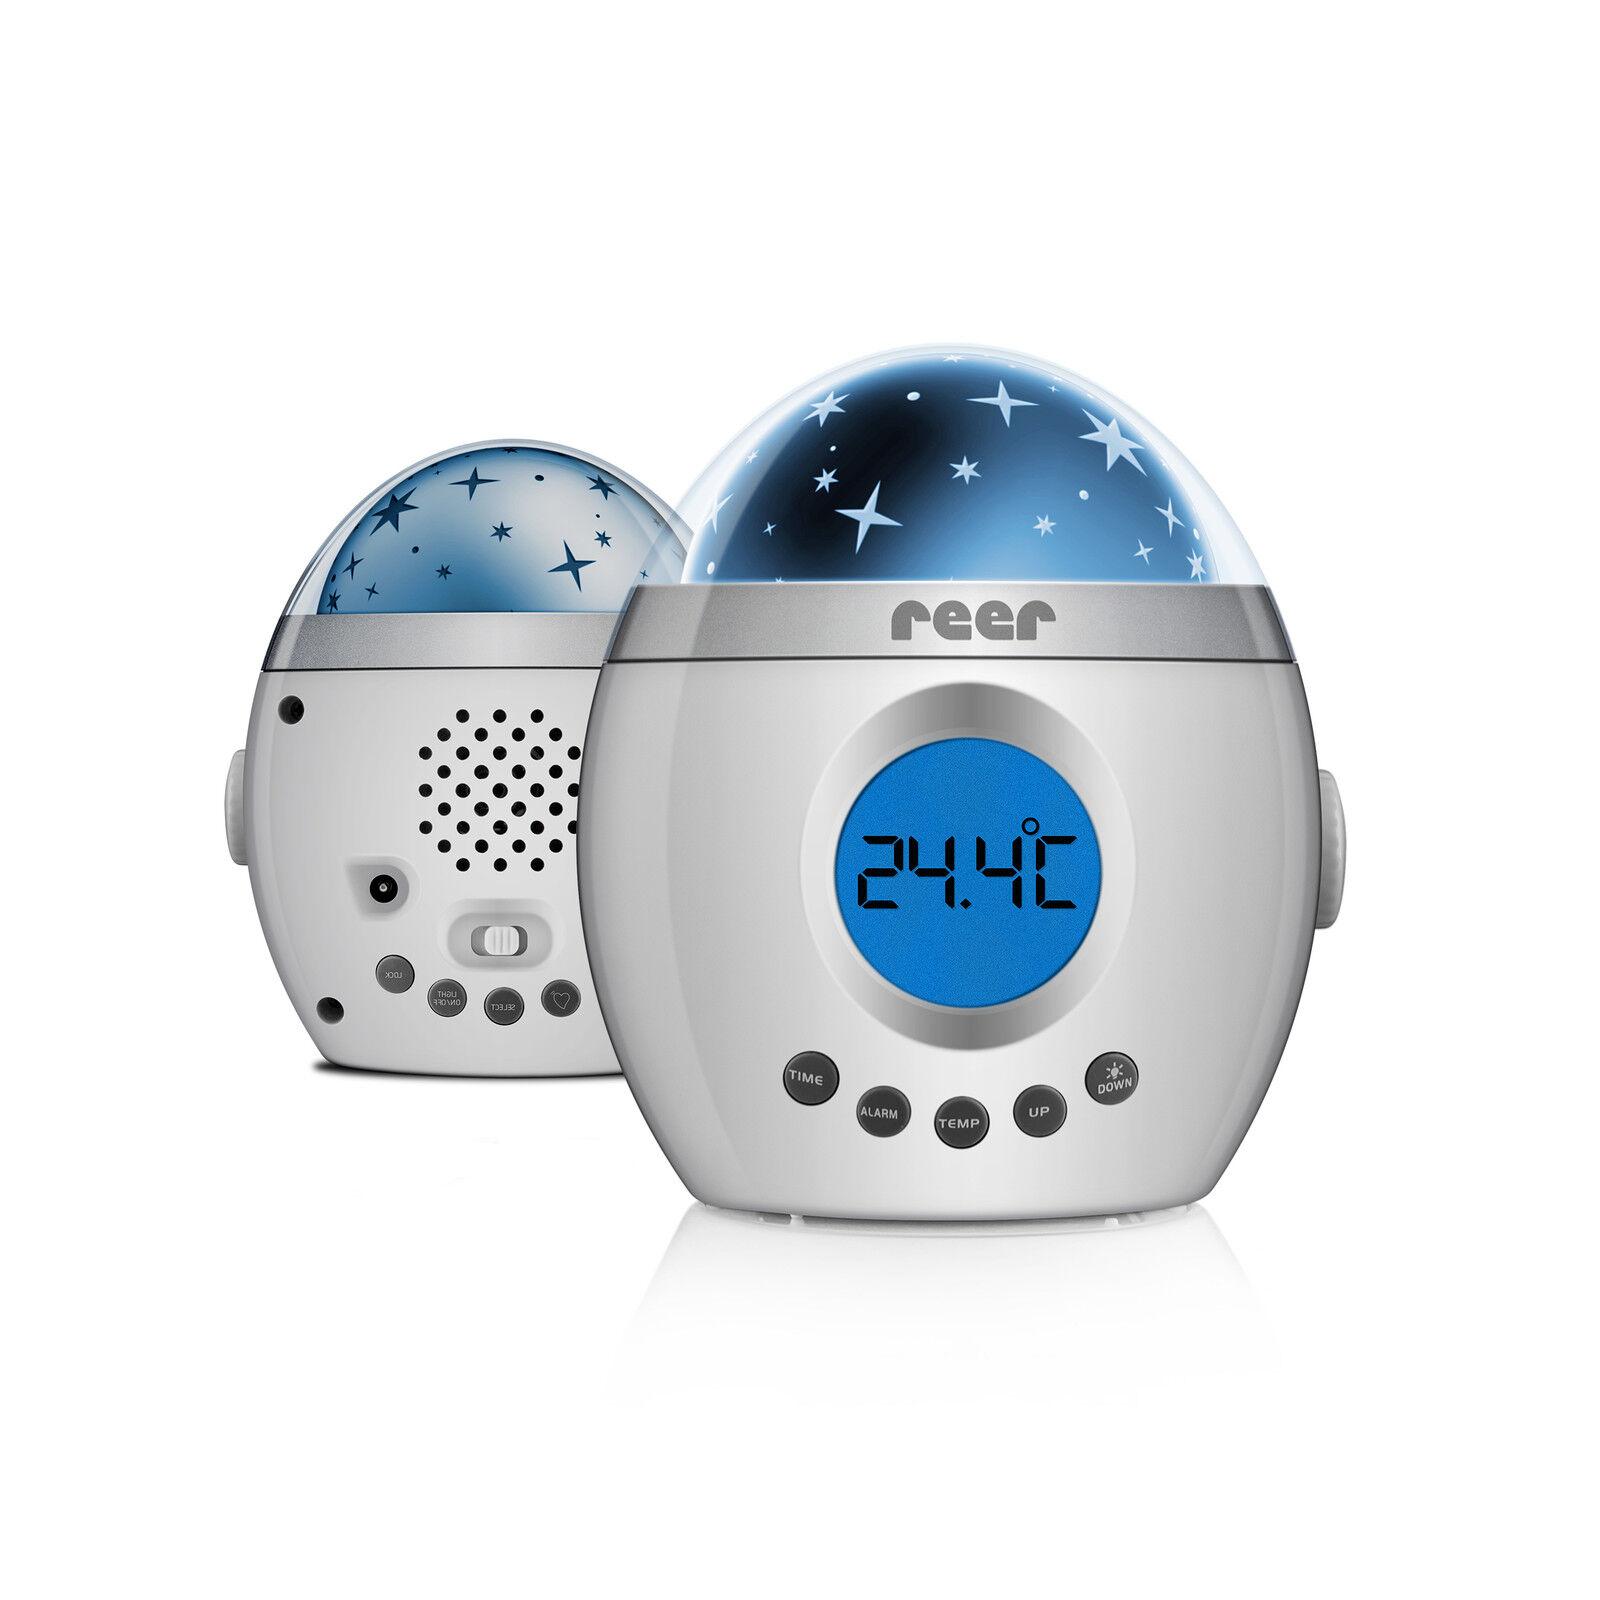 Reer My Magic Star Light Einschlaflicht Einschlafhilfe m. Sternenprojektor, NEU